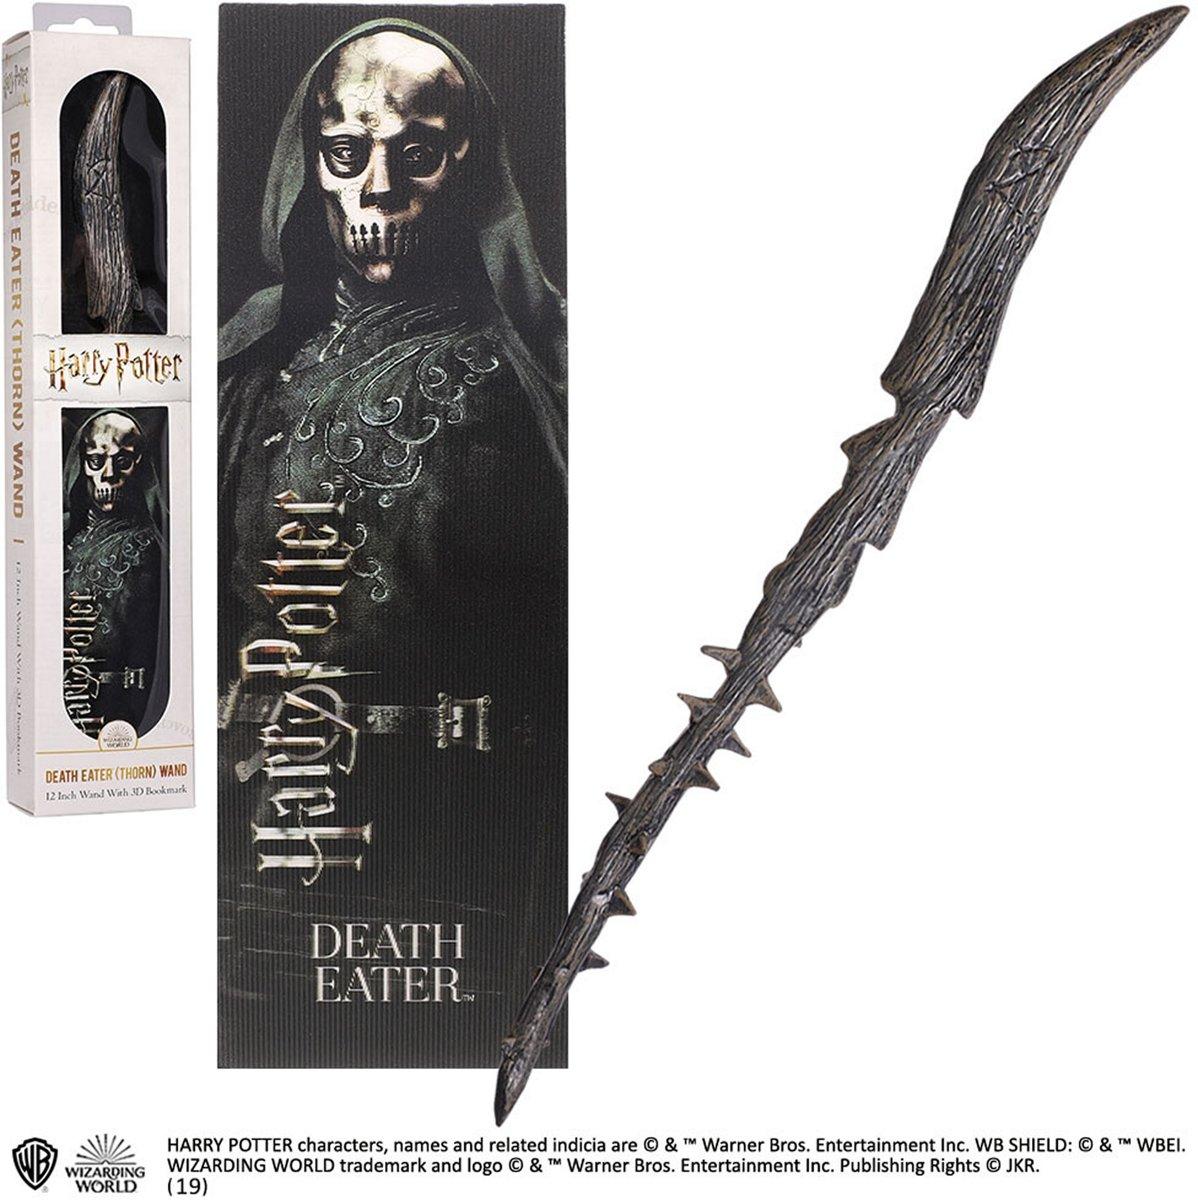 Death Eater toverstaf (Officiële replica) (PVC)